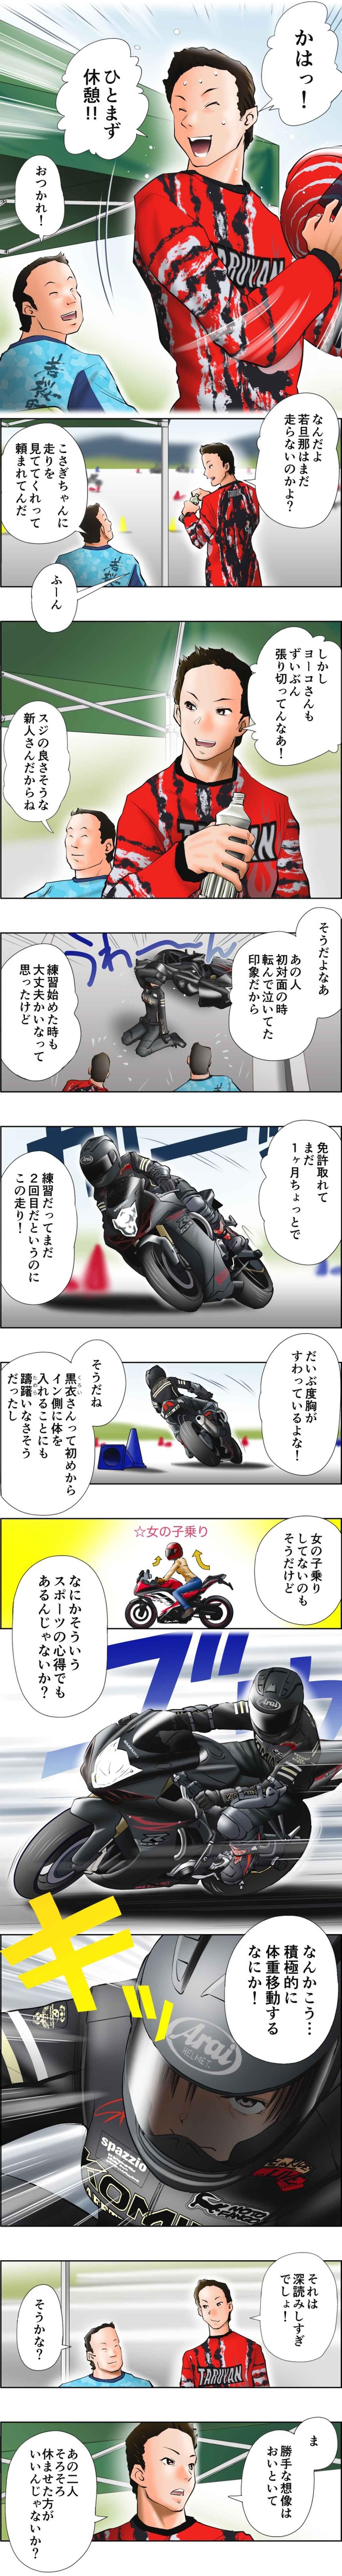 画像4: MOTOジム!(第8話:最高に楽しいんです!)  作・ばどみゅーみん